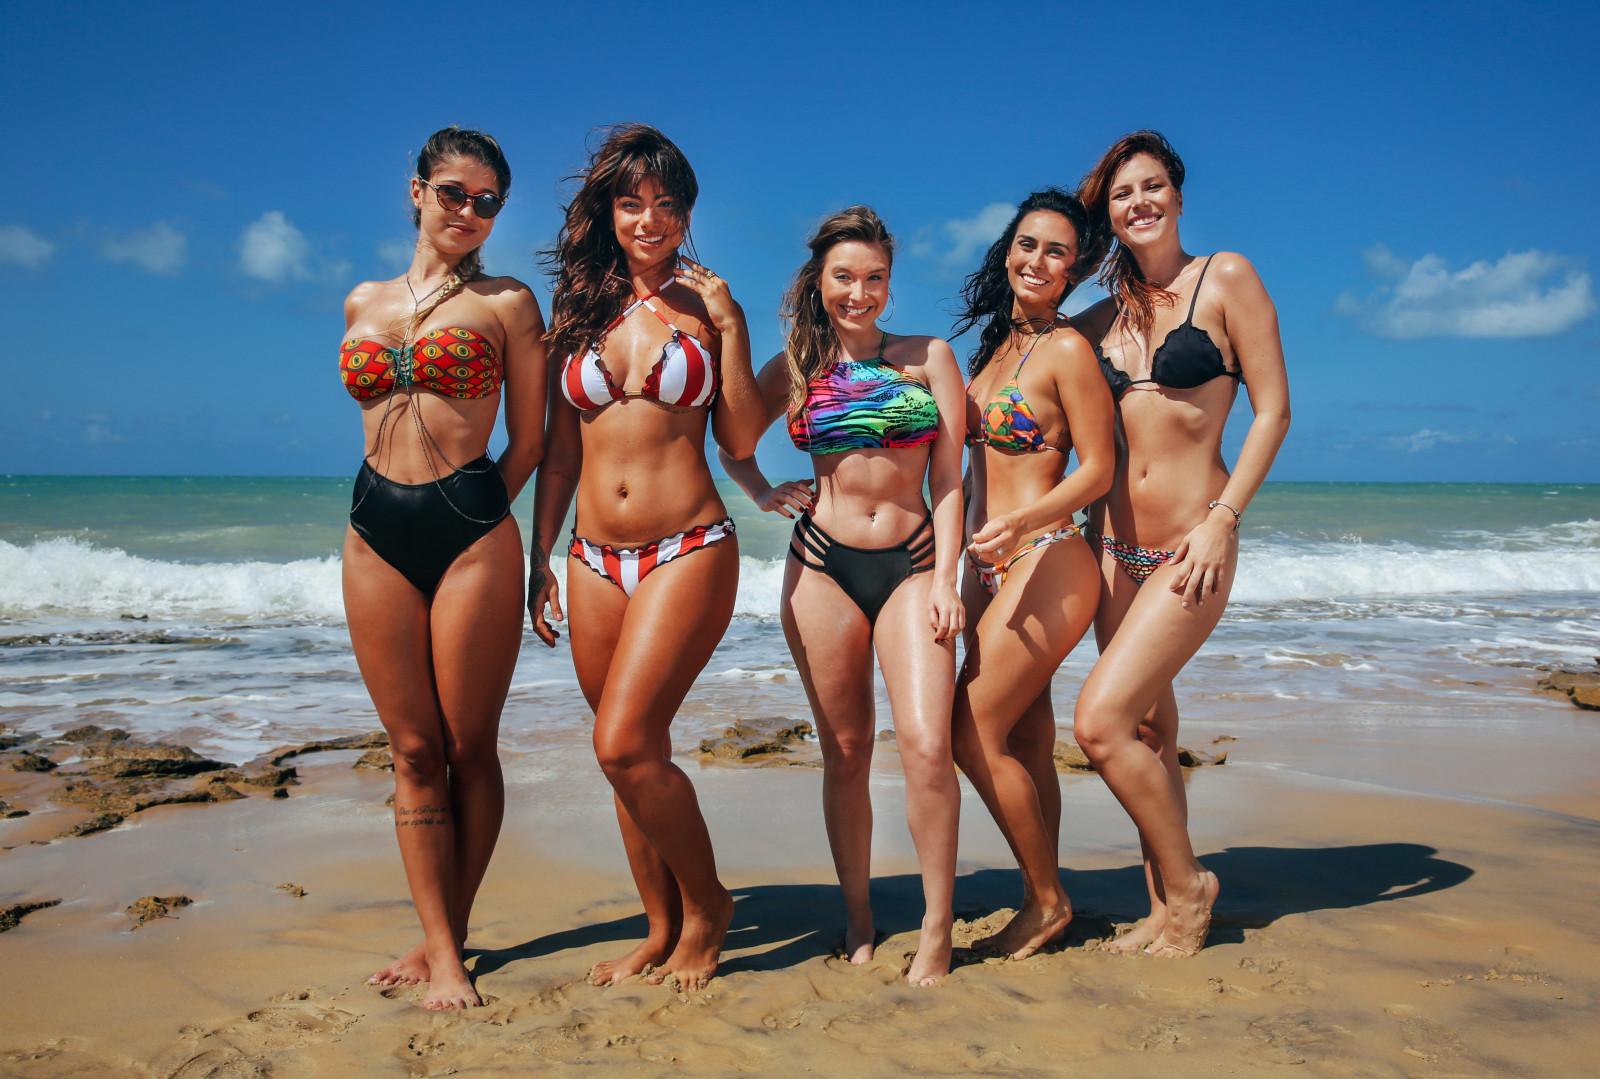 группа девушек на пляже